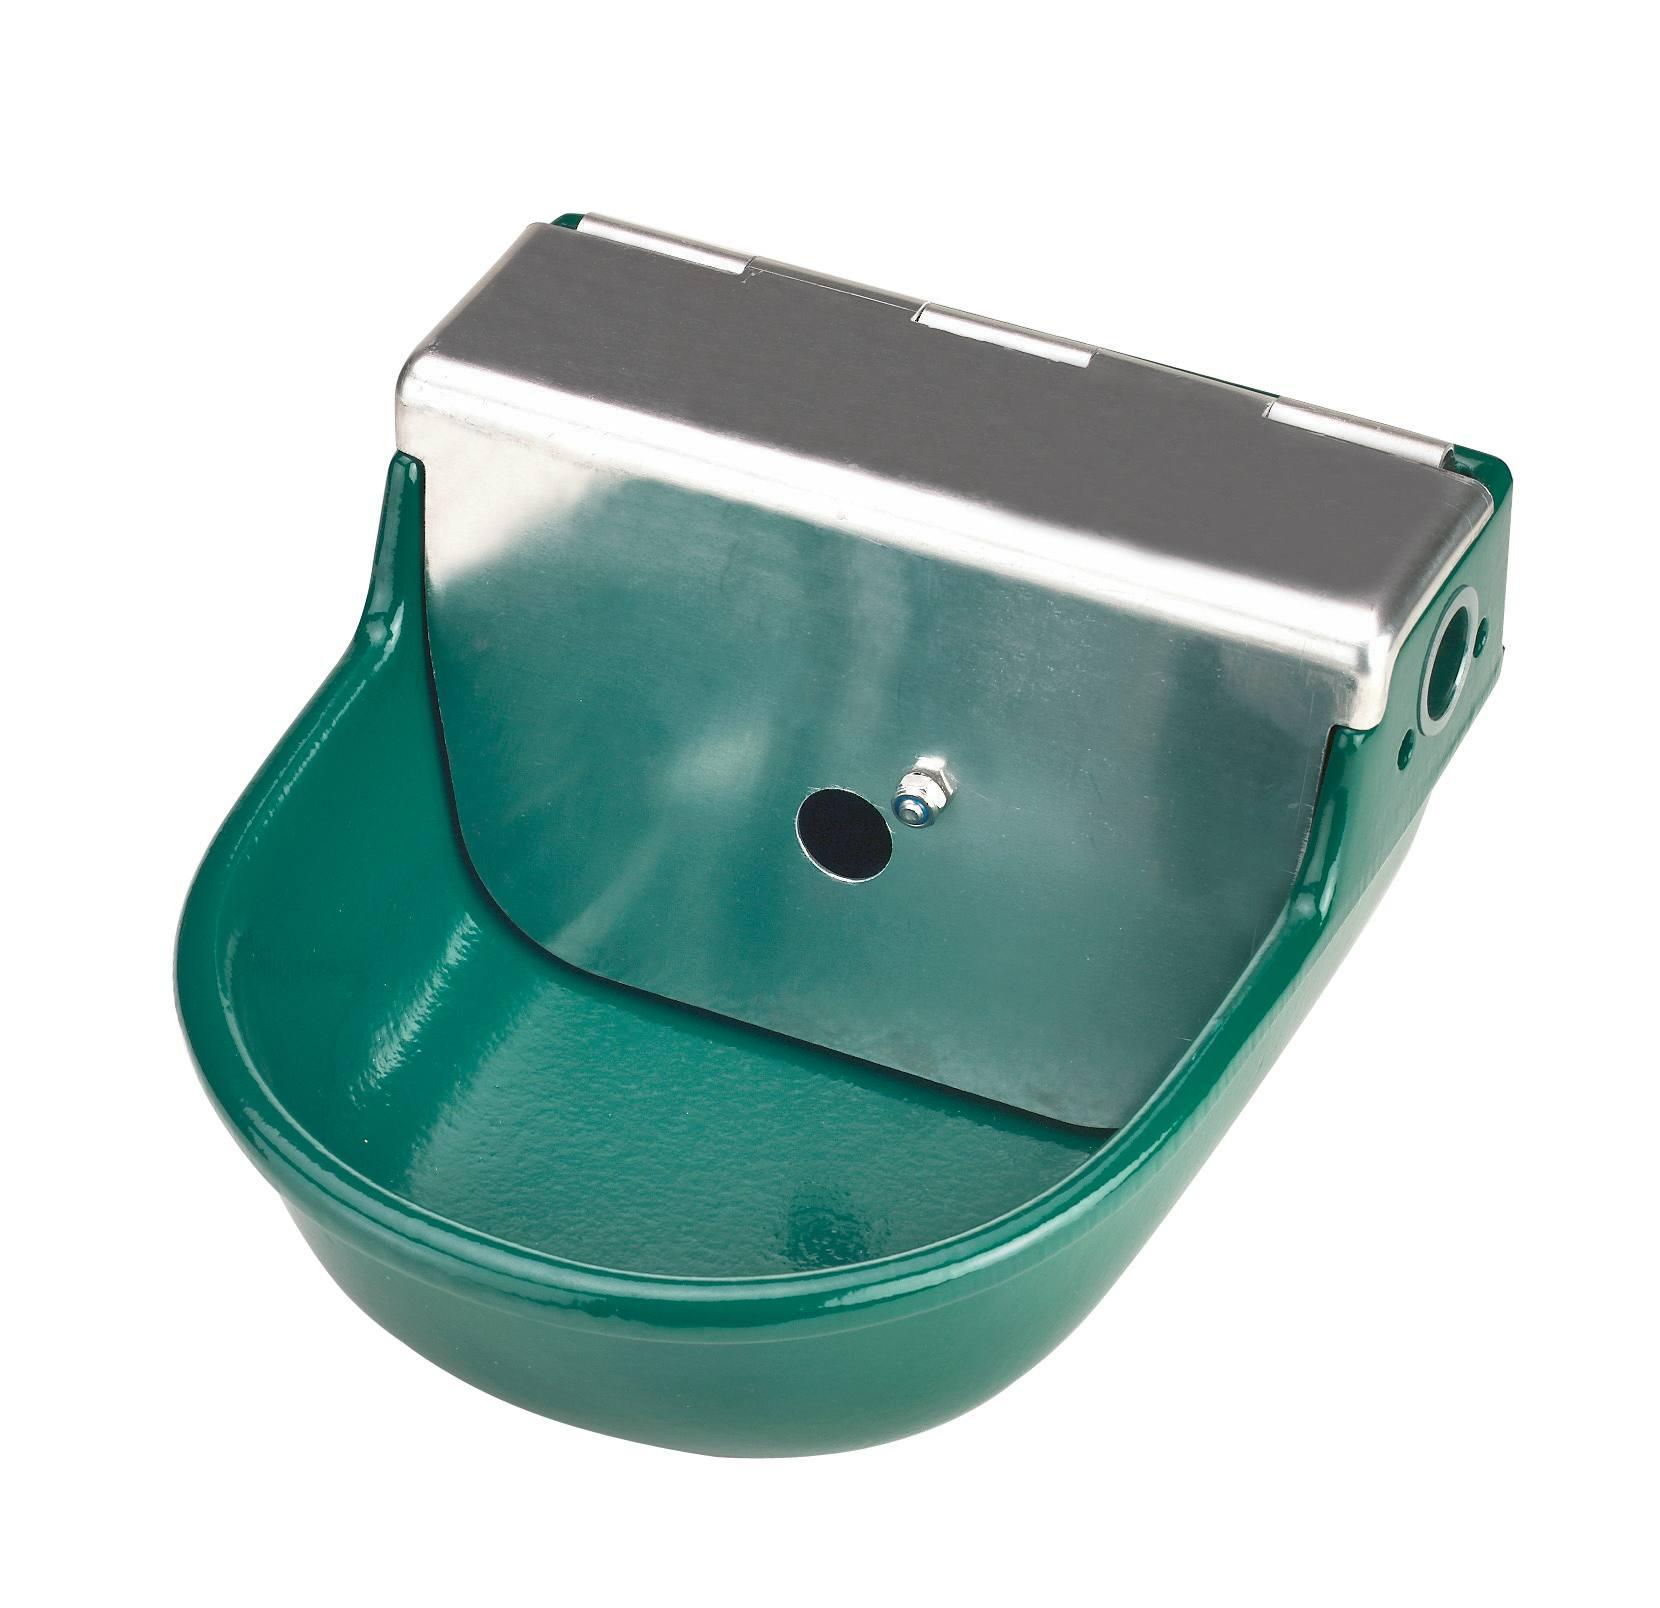 Tränketrog mit Schwimmerventil Ersatzventil Hochdruck Tränke Tränkebecken Pferd